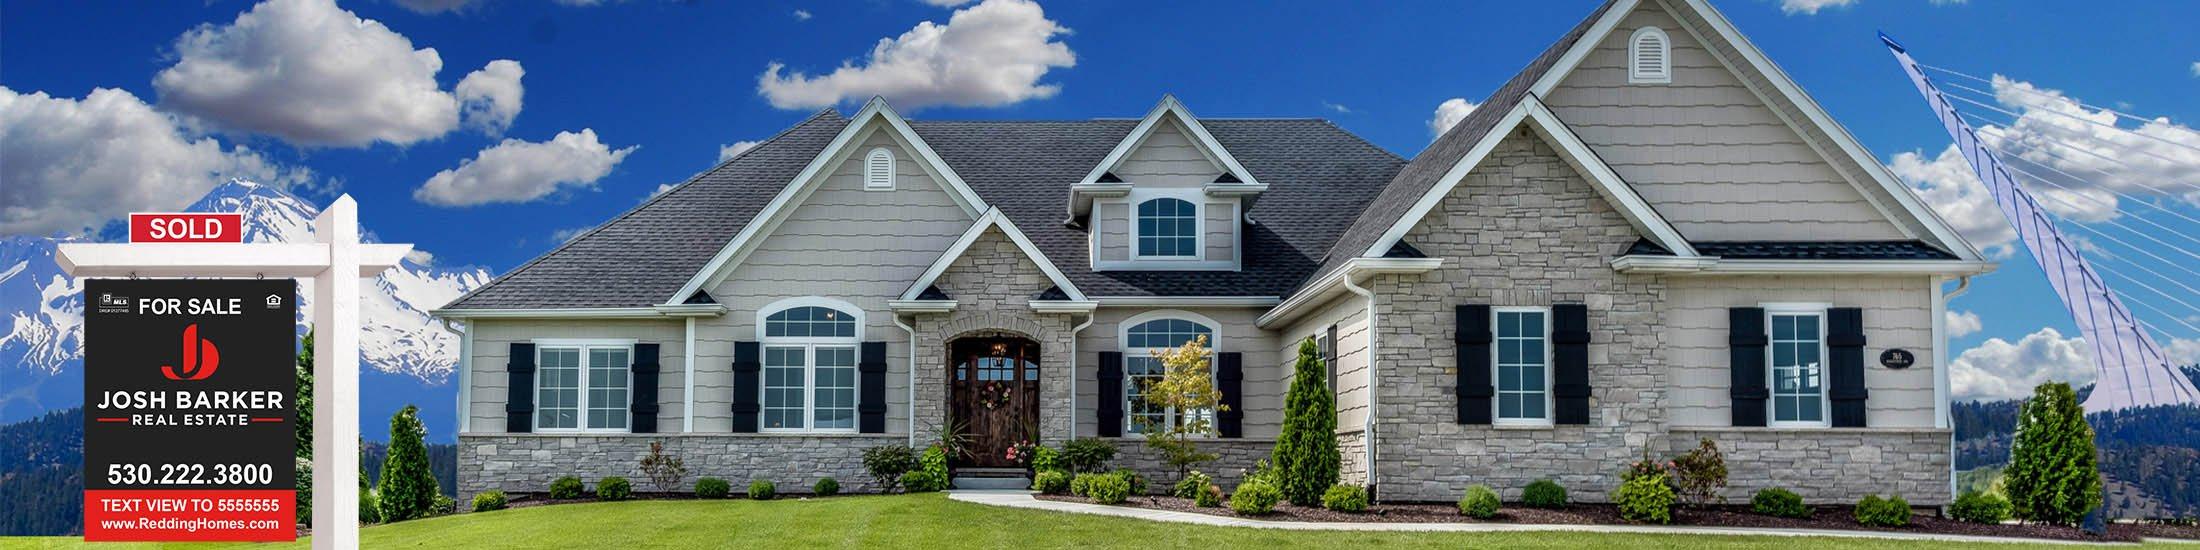 Josh Barker Real Estate Advisors